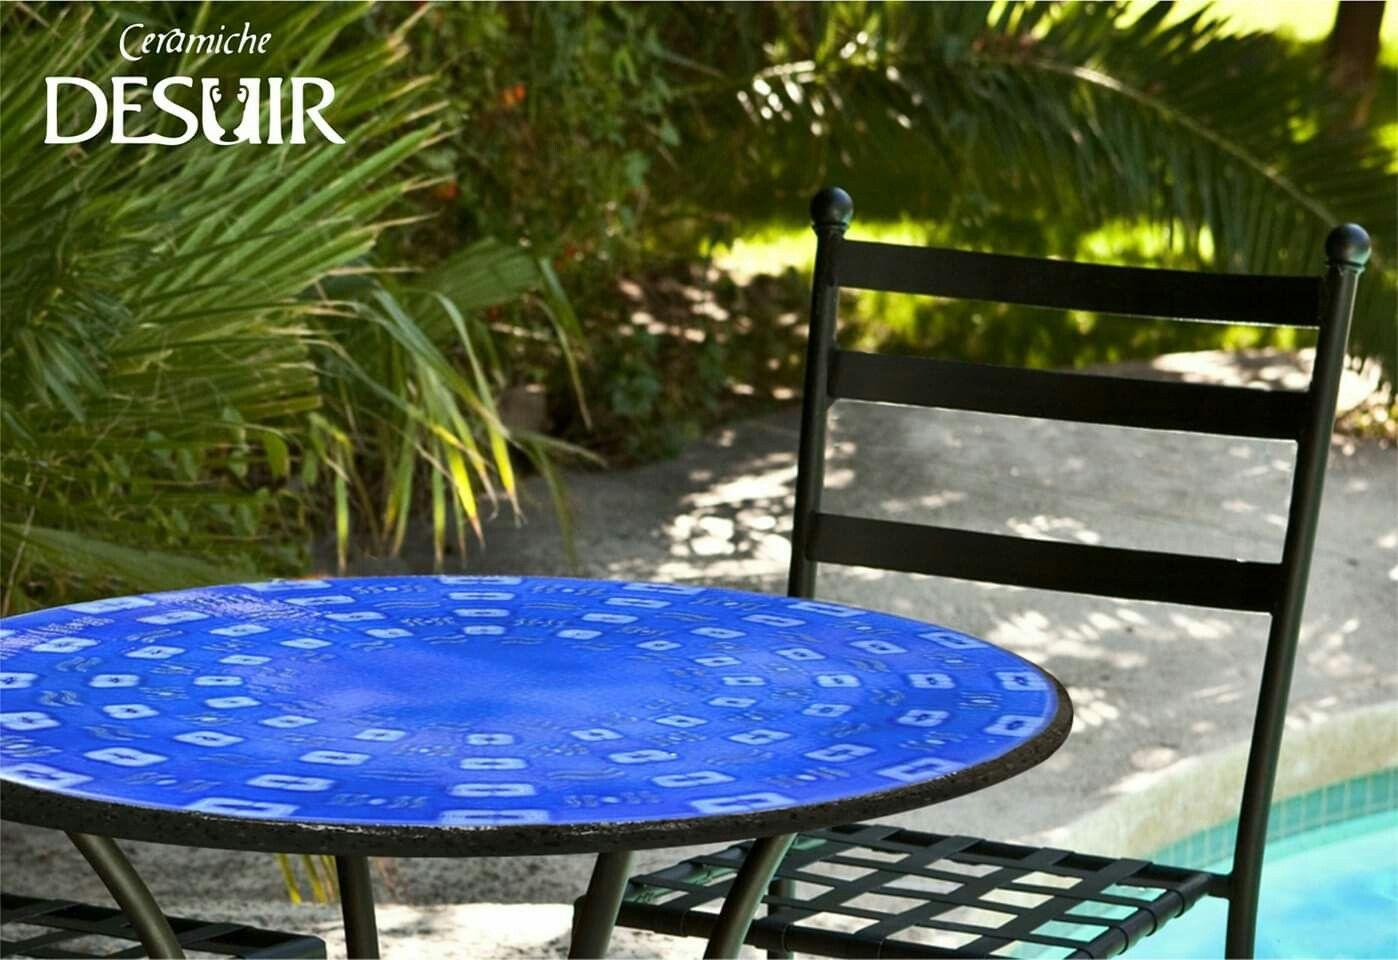 Tavoli In Ceramica Per Esterno.Stai Cercando Dei Tavoli Da Esterno Per Arredare Il Tuo Giardino